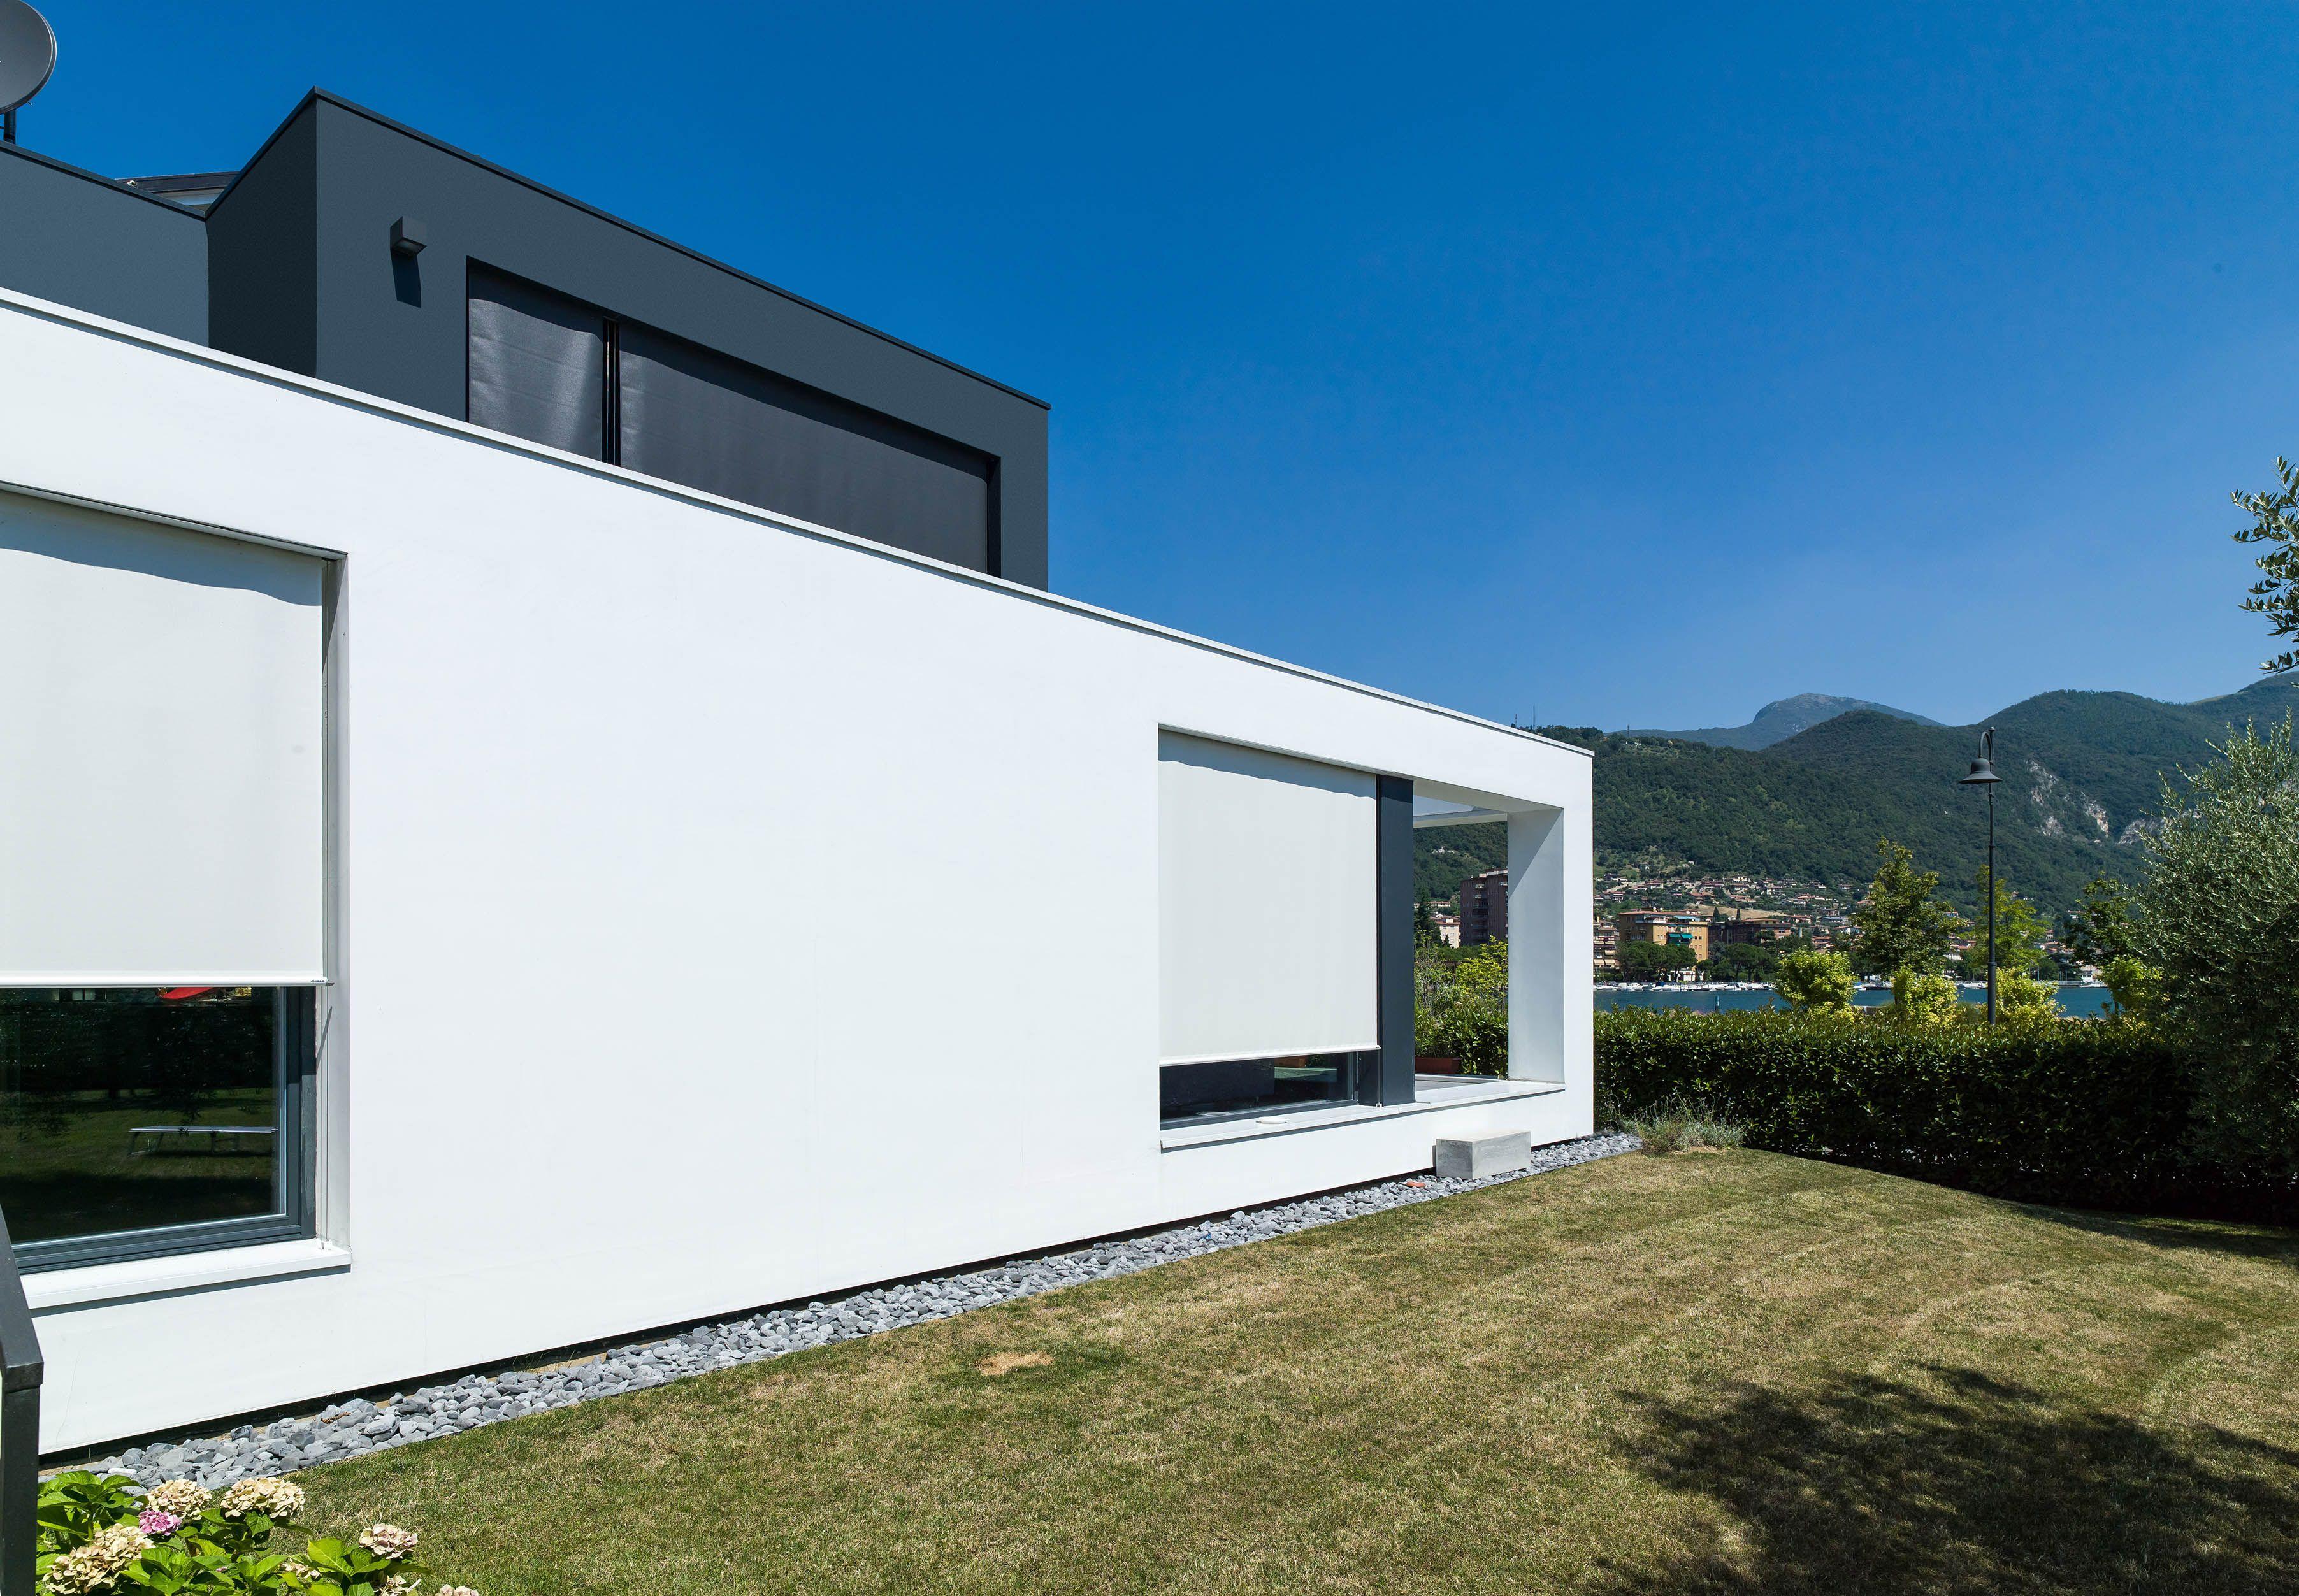 Rubner Haus Idee e soluzioni per costruire case in legno | Casa ...